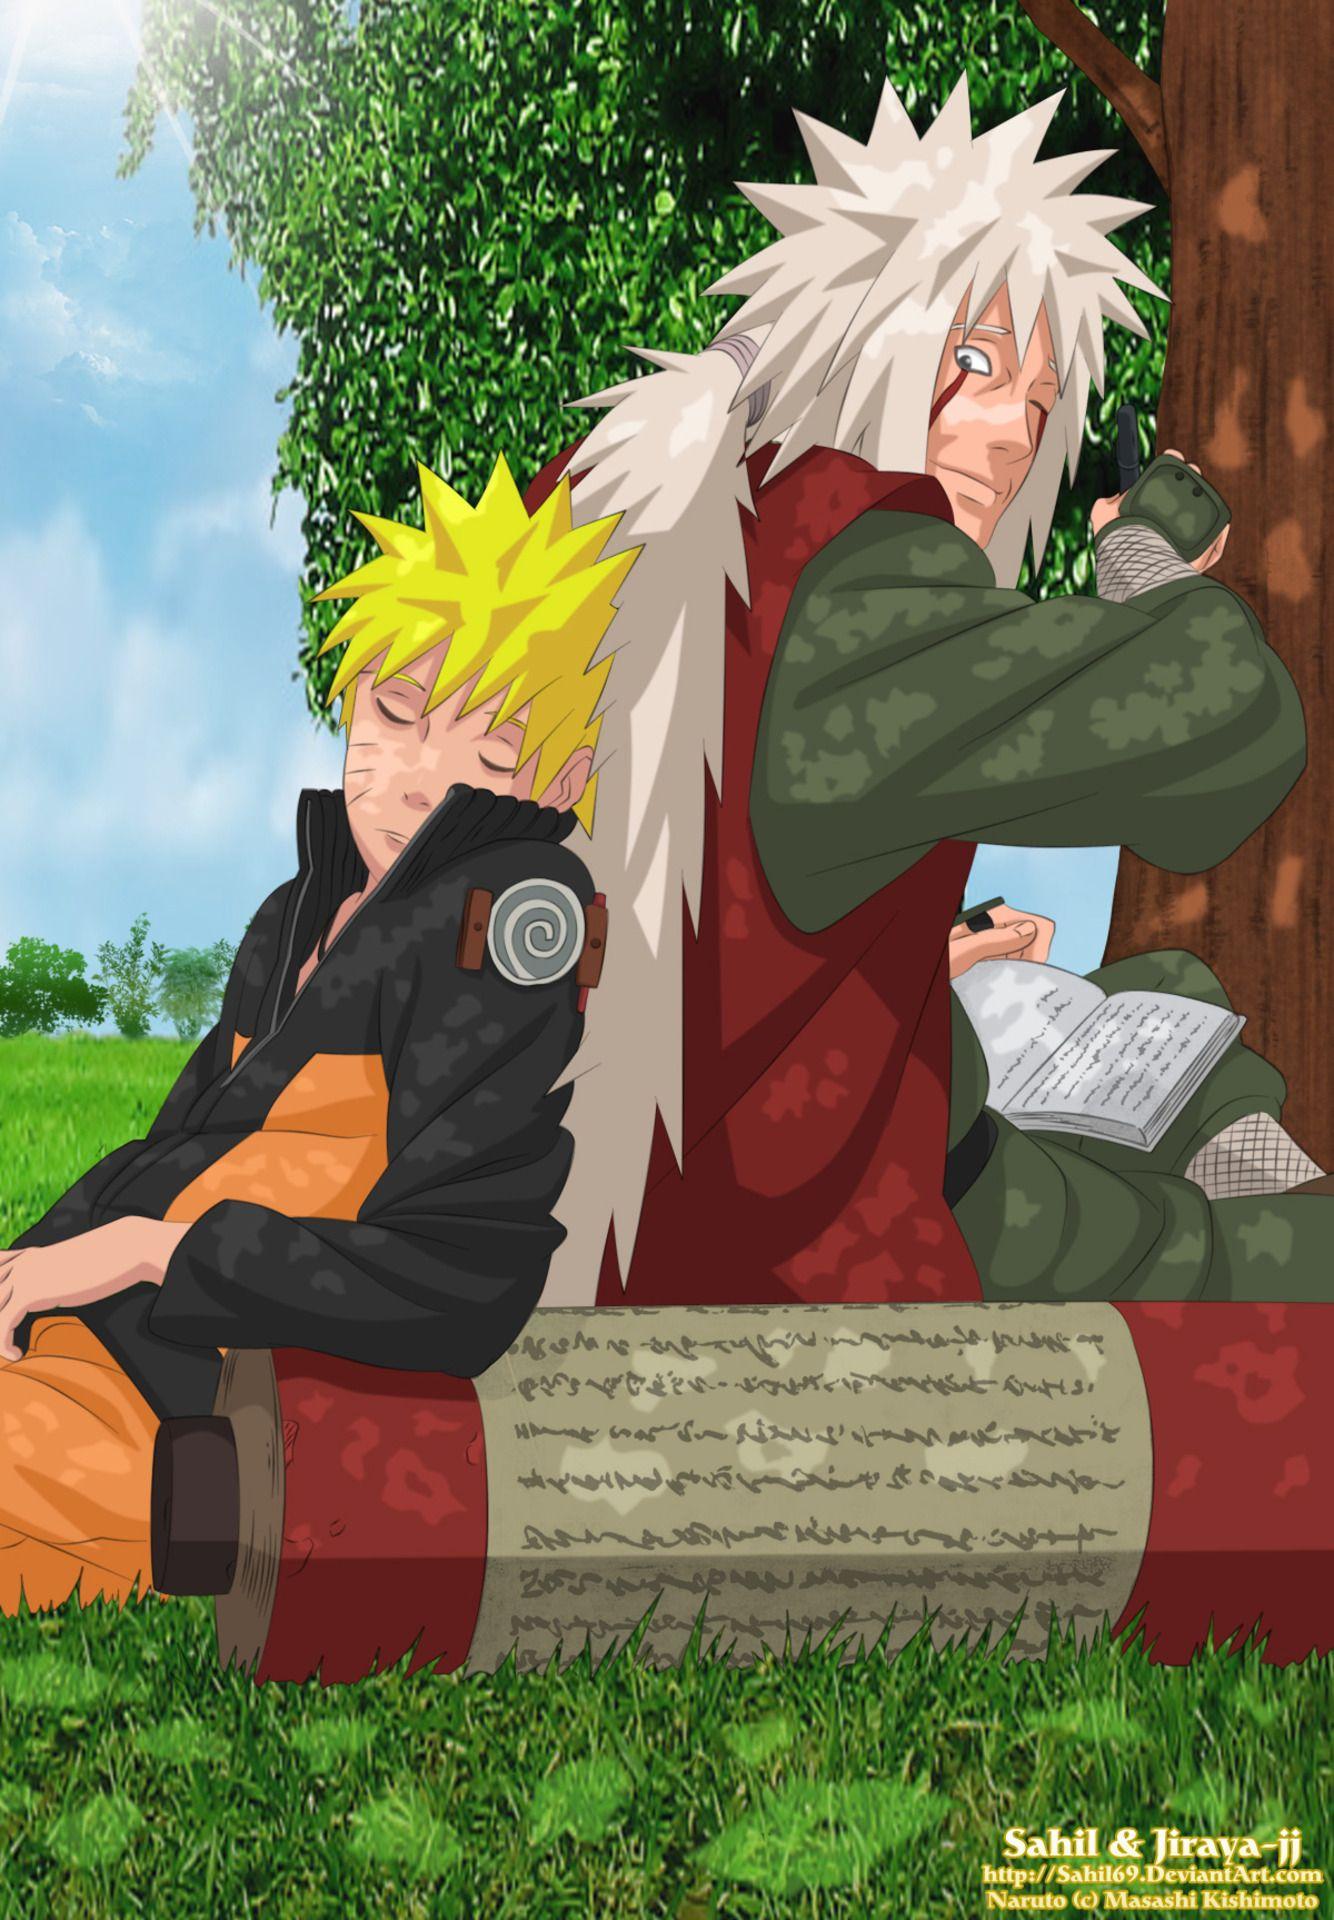 Jiraiya Naruto Vs Itachi Sasuke Battles Comic Vine With Images Wallpaper Naruto Shippuden Naruto Uzumaki Anime Naruto